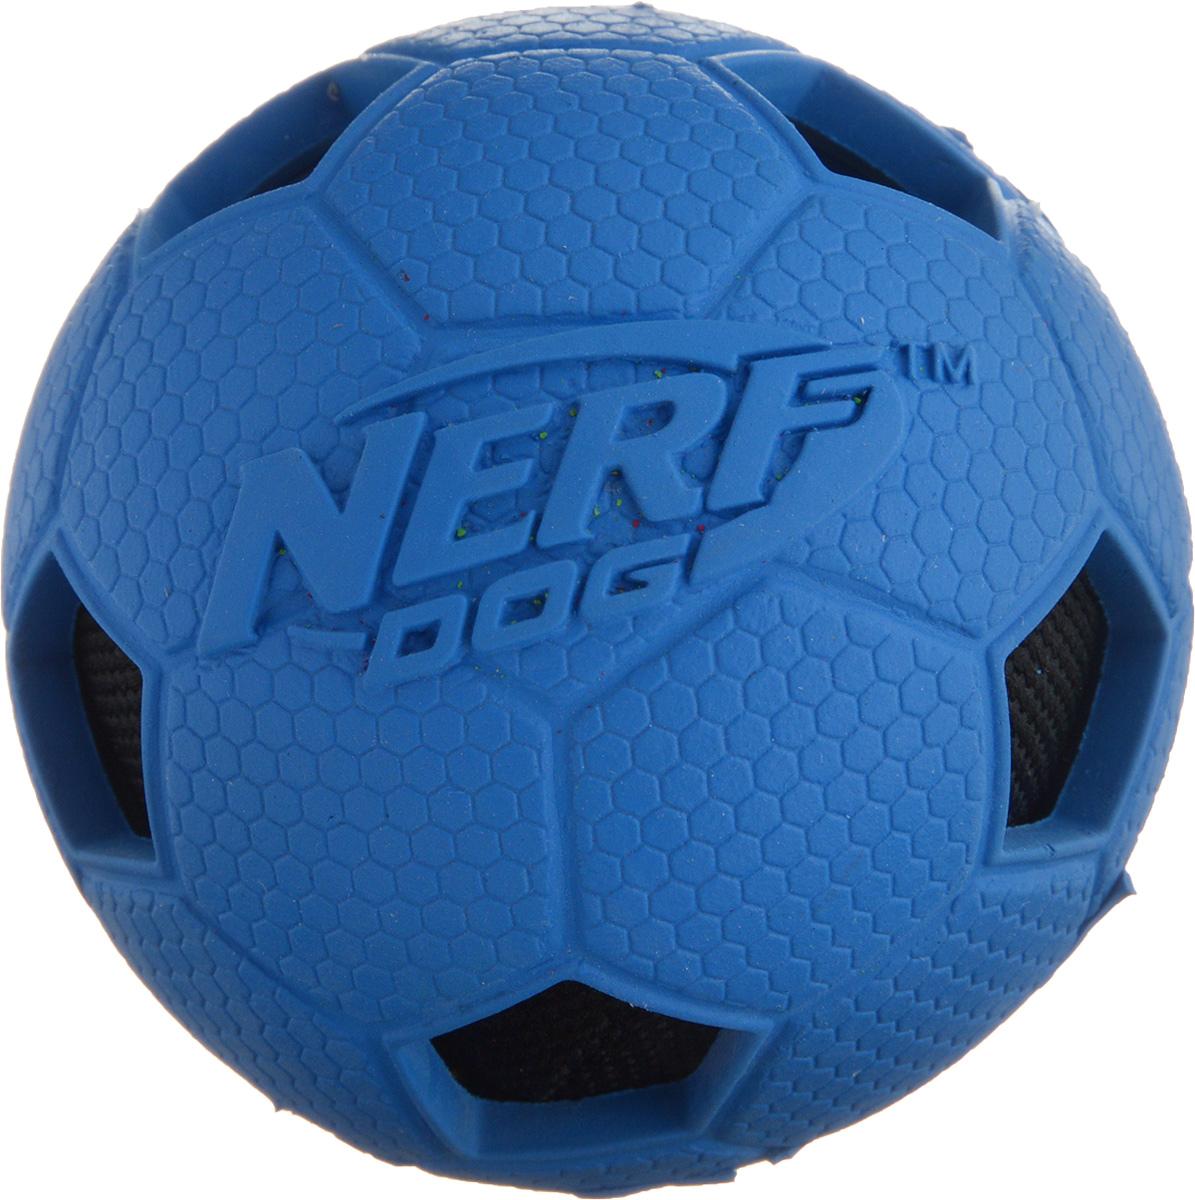 Игрушка для собак Nerf Мяч футбольный, диаметр 6 см22316_синий, черныйИгрушка для собак Nerf Мяч футбольный выполнена из резины в форме футбольного мяча с рельефным рисунком и нейлоновым хрустящим мячом внутри. Такая игрушка порадует вашего любимца, а вам доставит массу приятных эмоций, ведь наблюдать за игрой всегда интересно и приятно. Диаметр игрушки: 6 см.